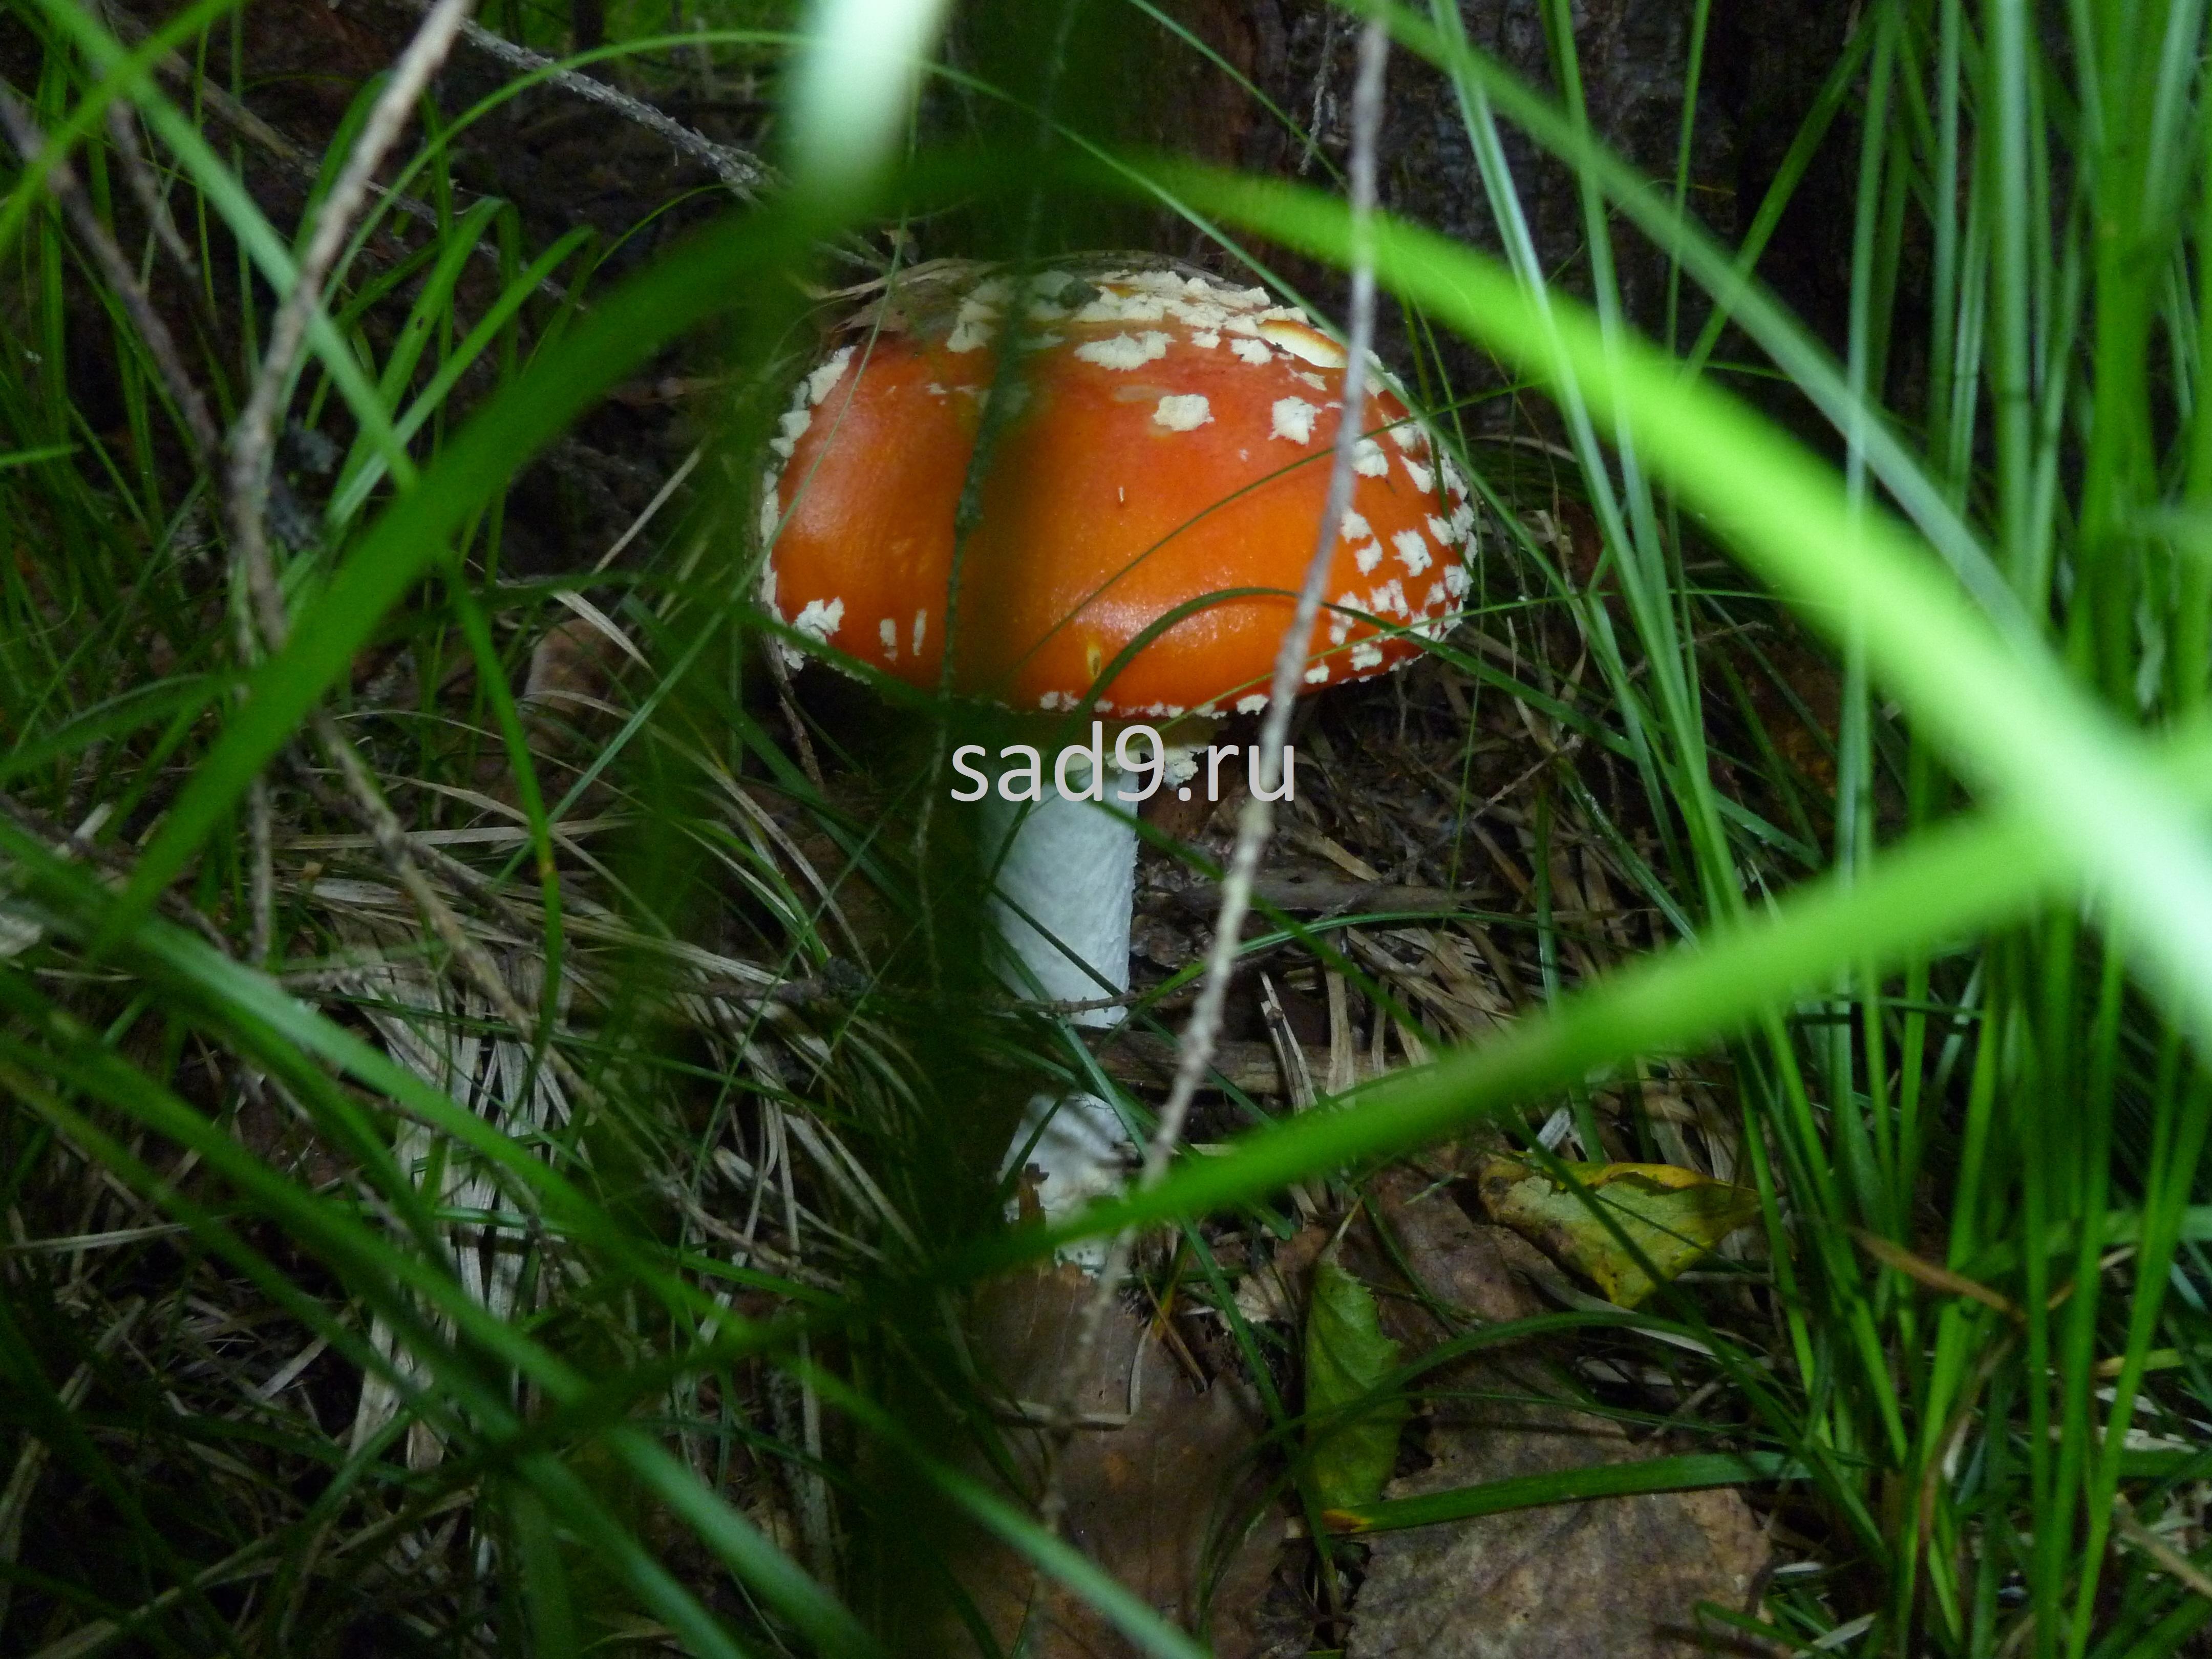 Картинка ядовитого гриба - мухомора